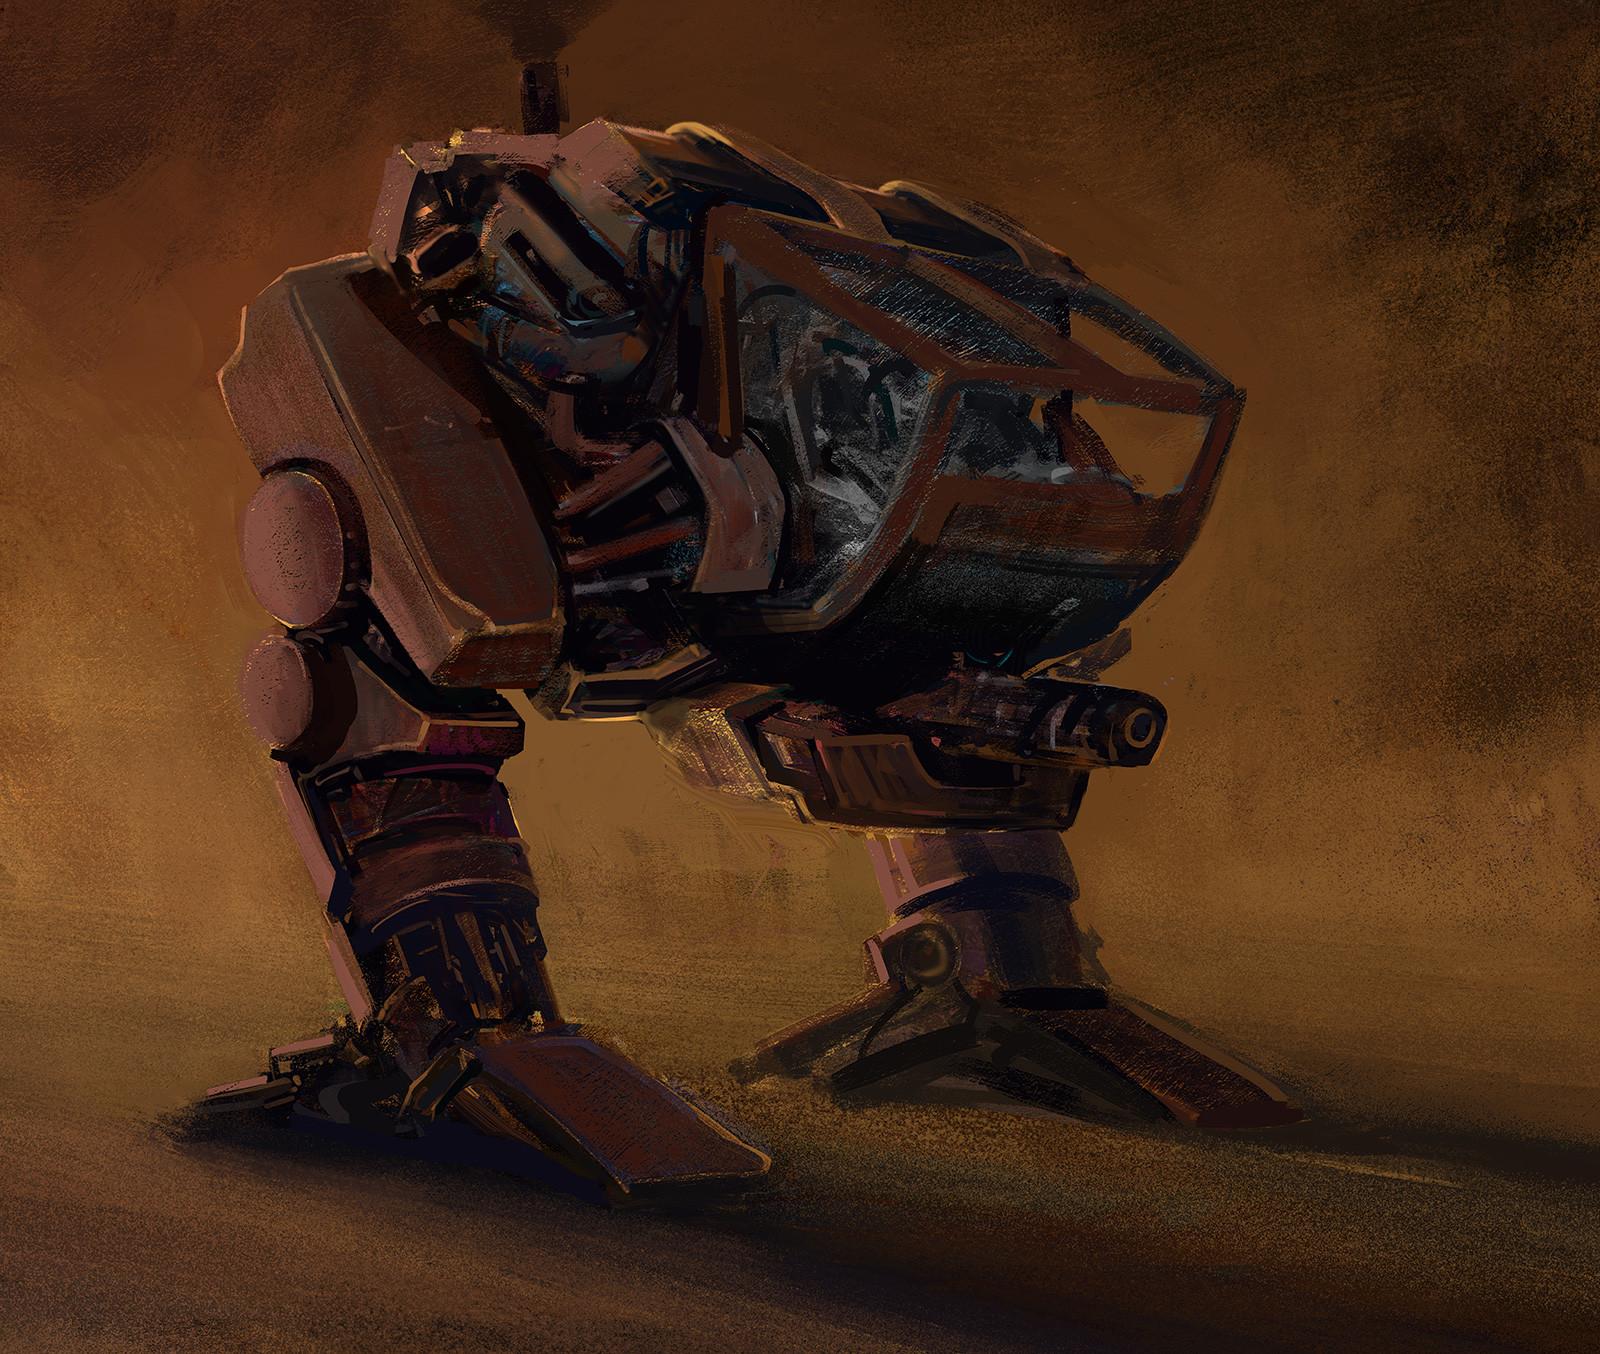 Tymoteusz chliszcz maszyna concept 008 06 web